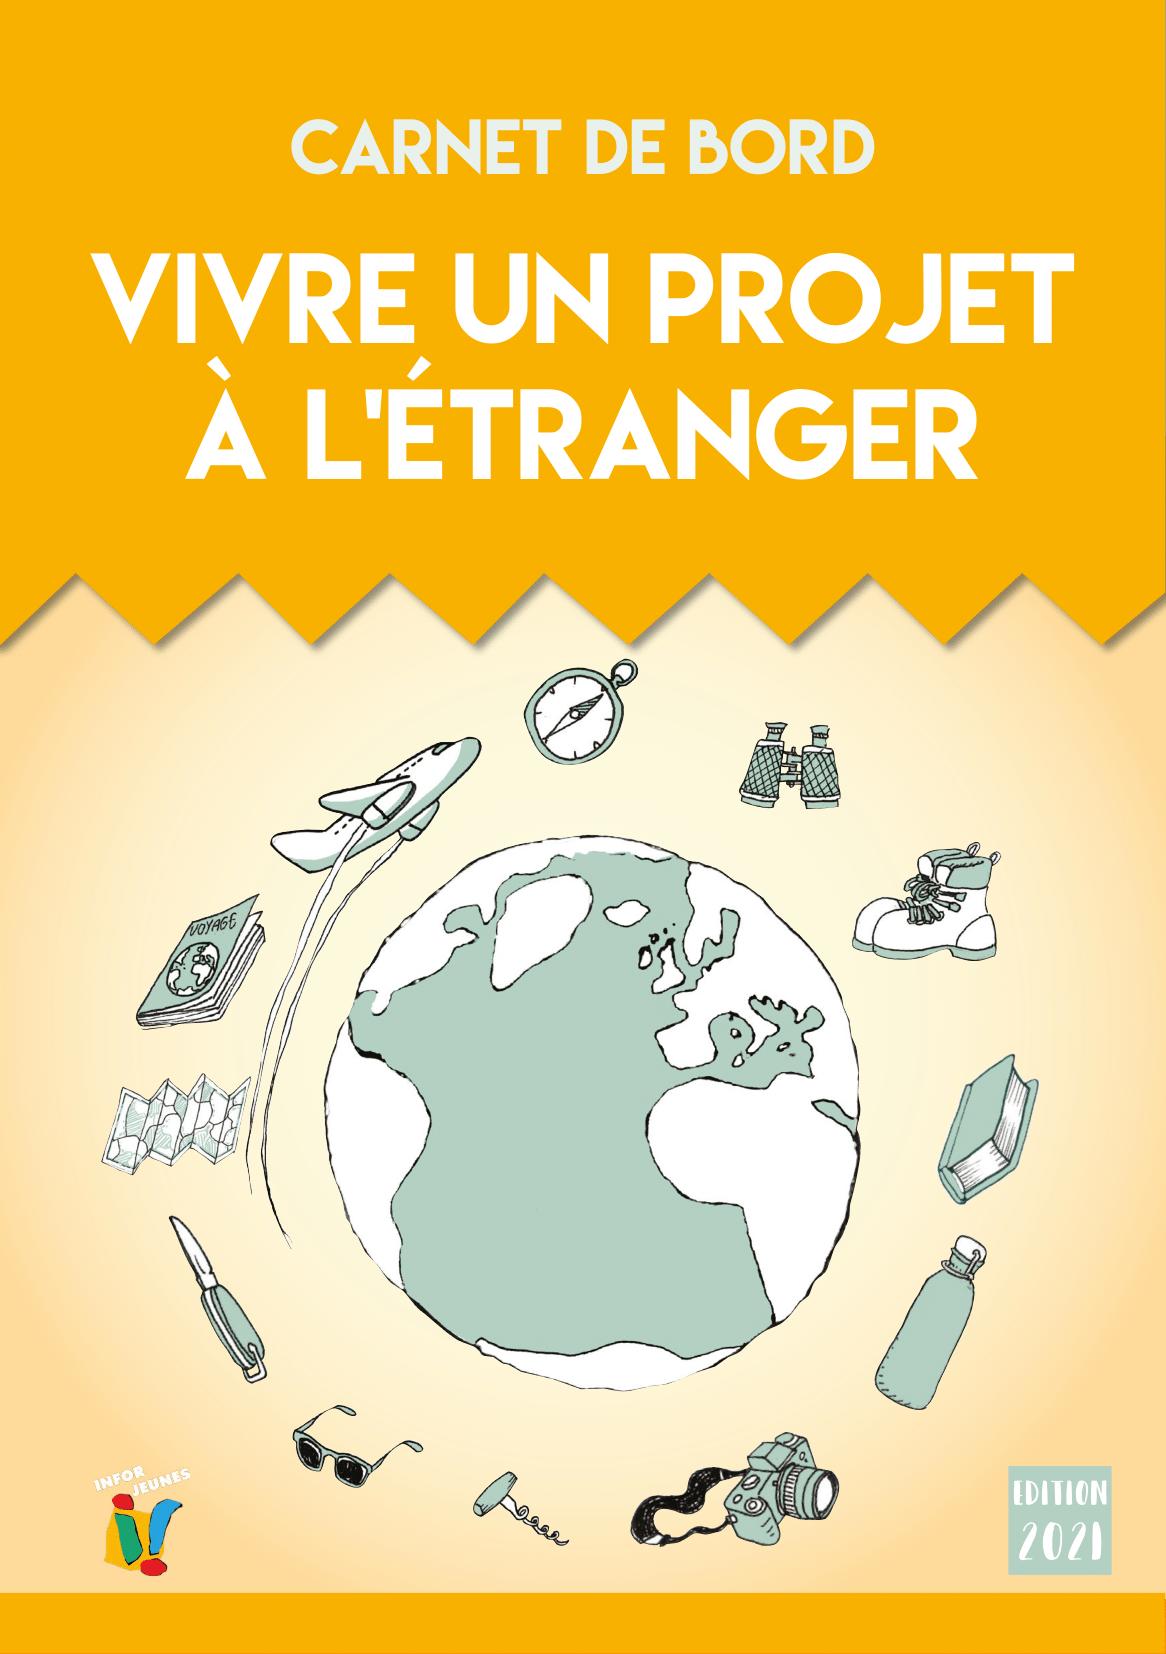 20201218 Vivre un projet à l'étranger IJ ATH (1)-1